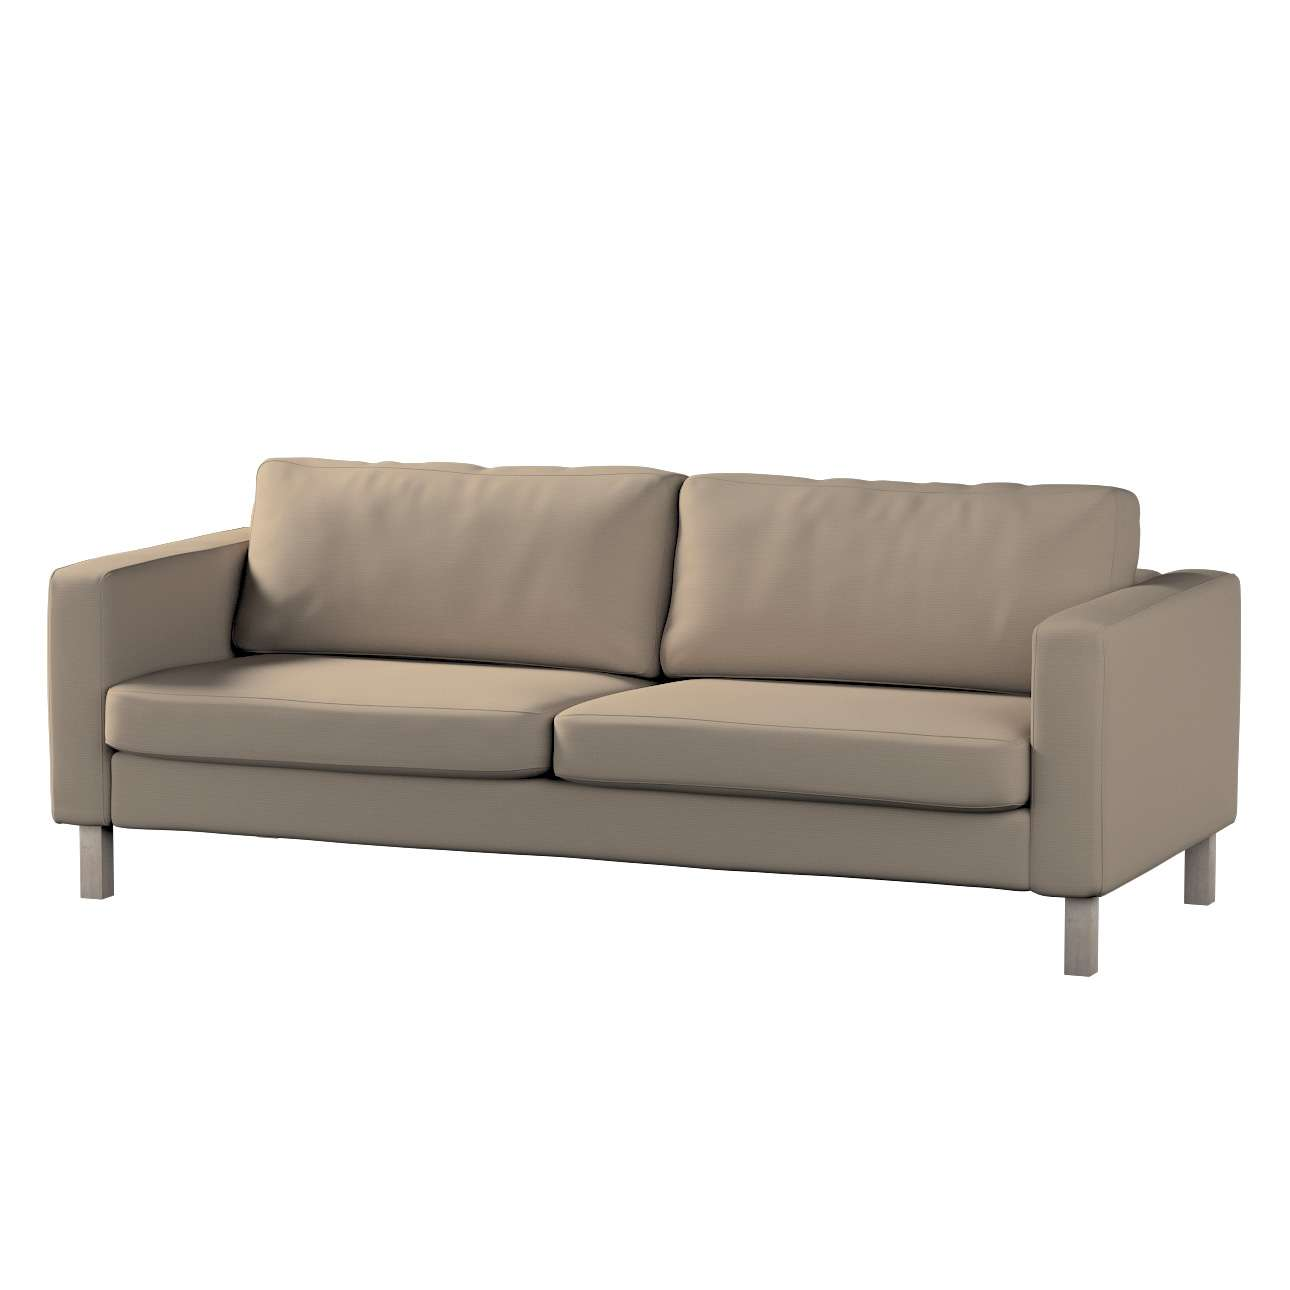 Pokrowiec na sofę Karlstad 3-osobową nierozkładaną, krótki Sofa Karlstad 3-osobowa w kolekcji Cotton Panama, tkanina: 702-28